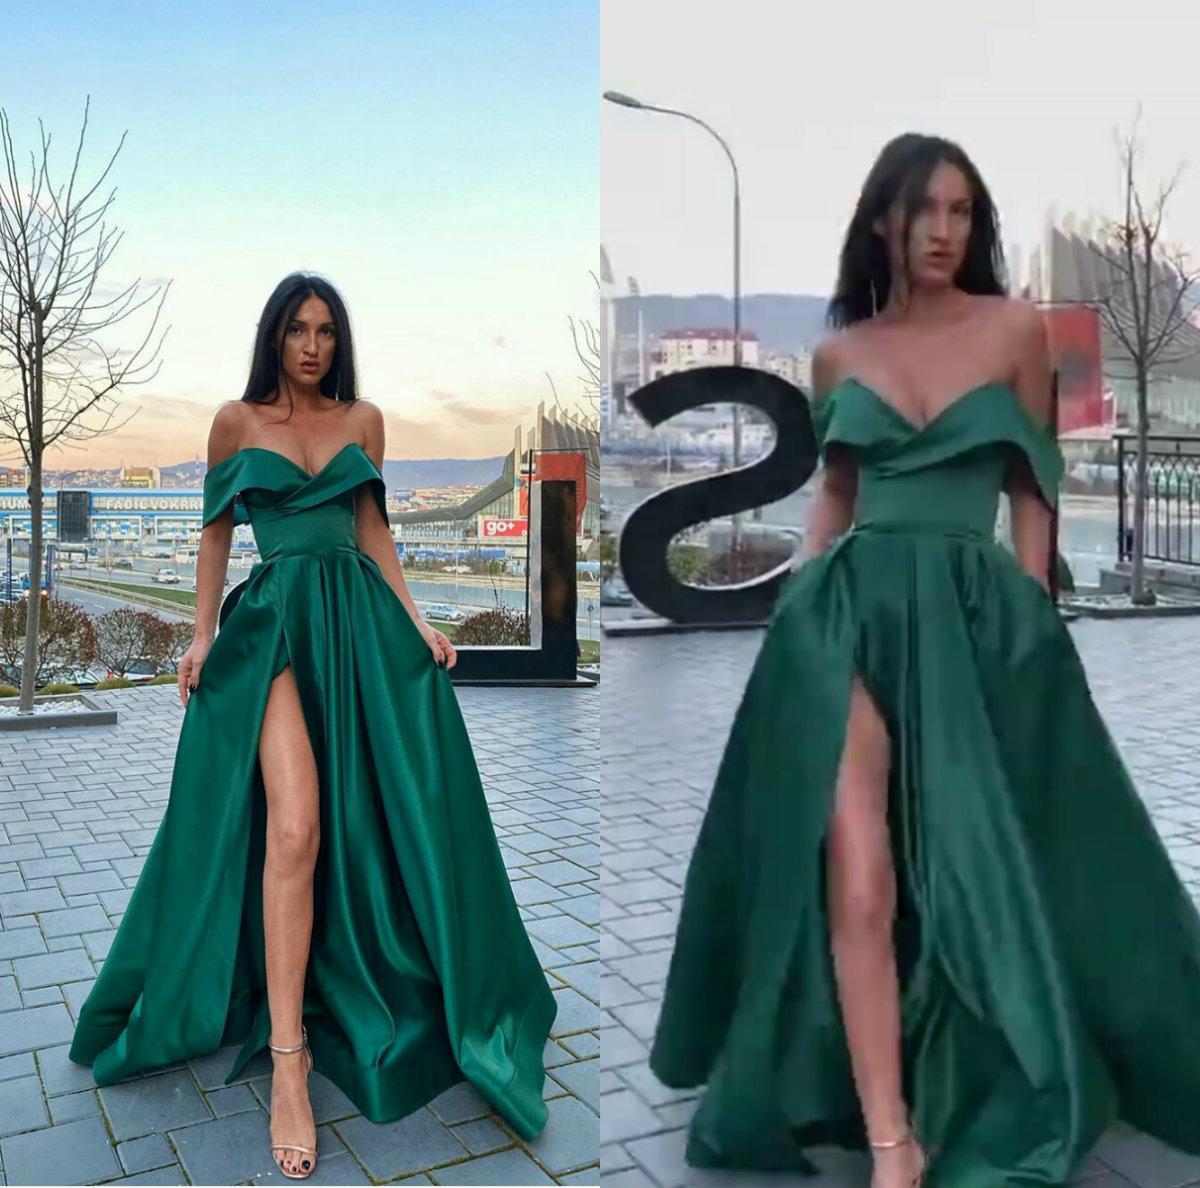 Elegante grüne A-Linie Abendkleider Schatz Sleeveless High-Split Party Kleid Satin Günstige bodenlangen formale Abendklege Custom Made